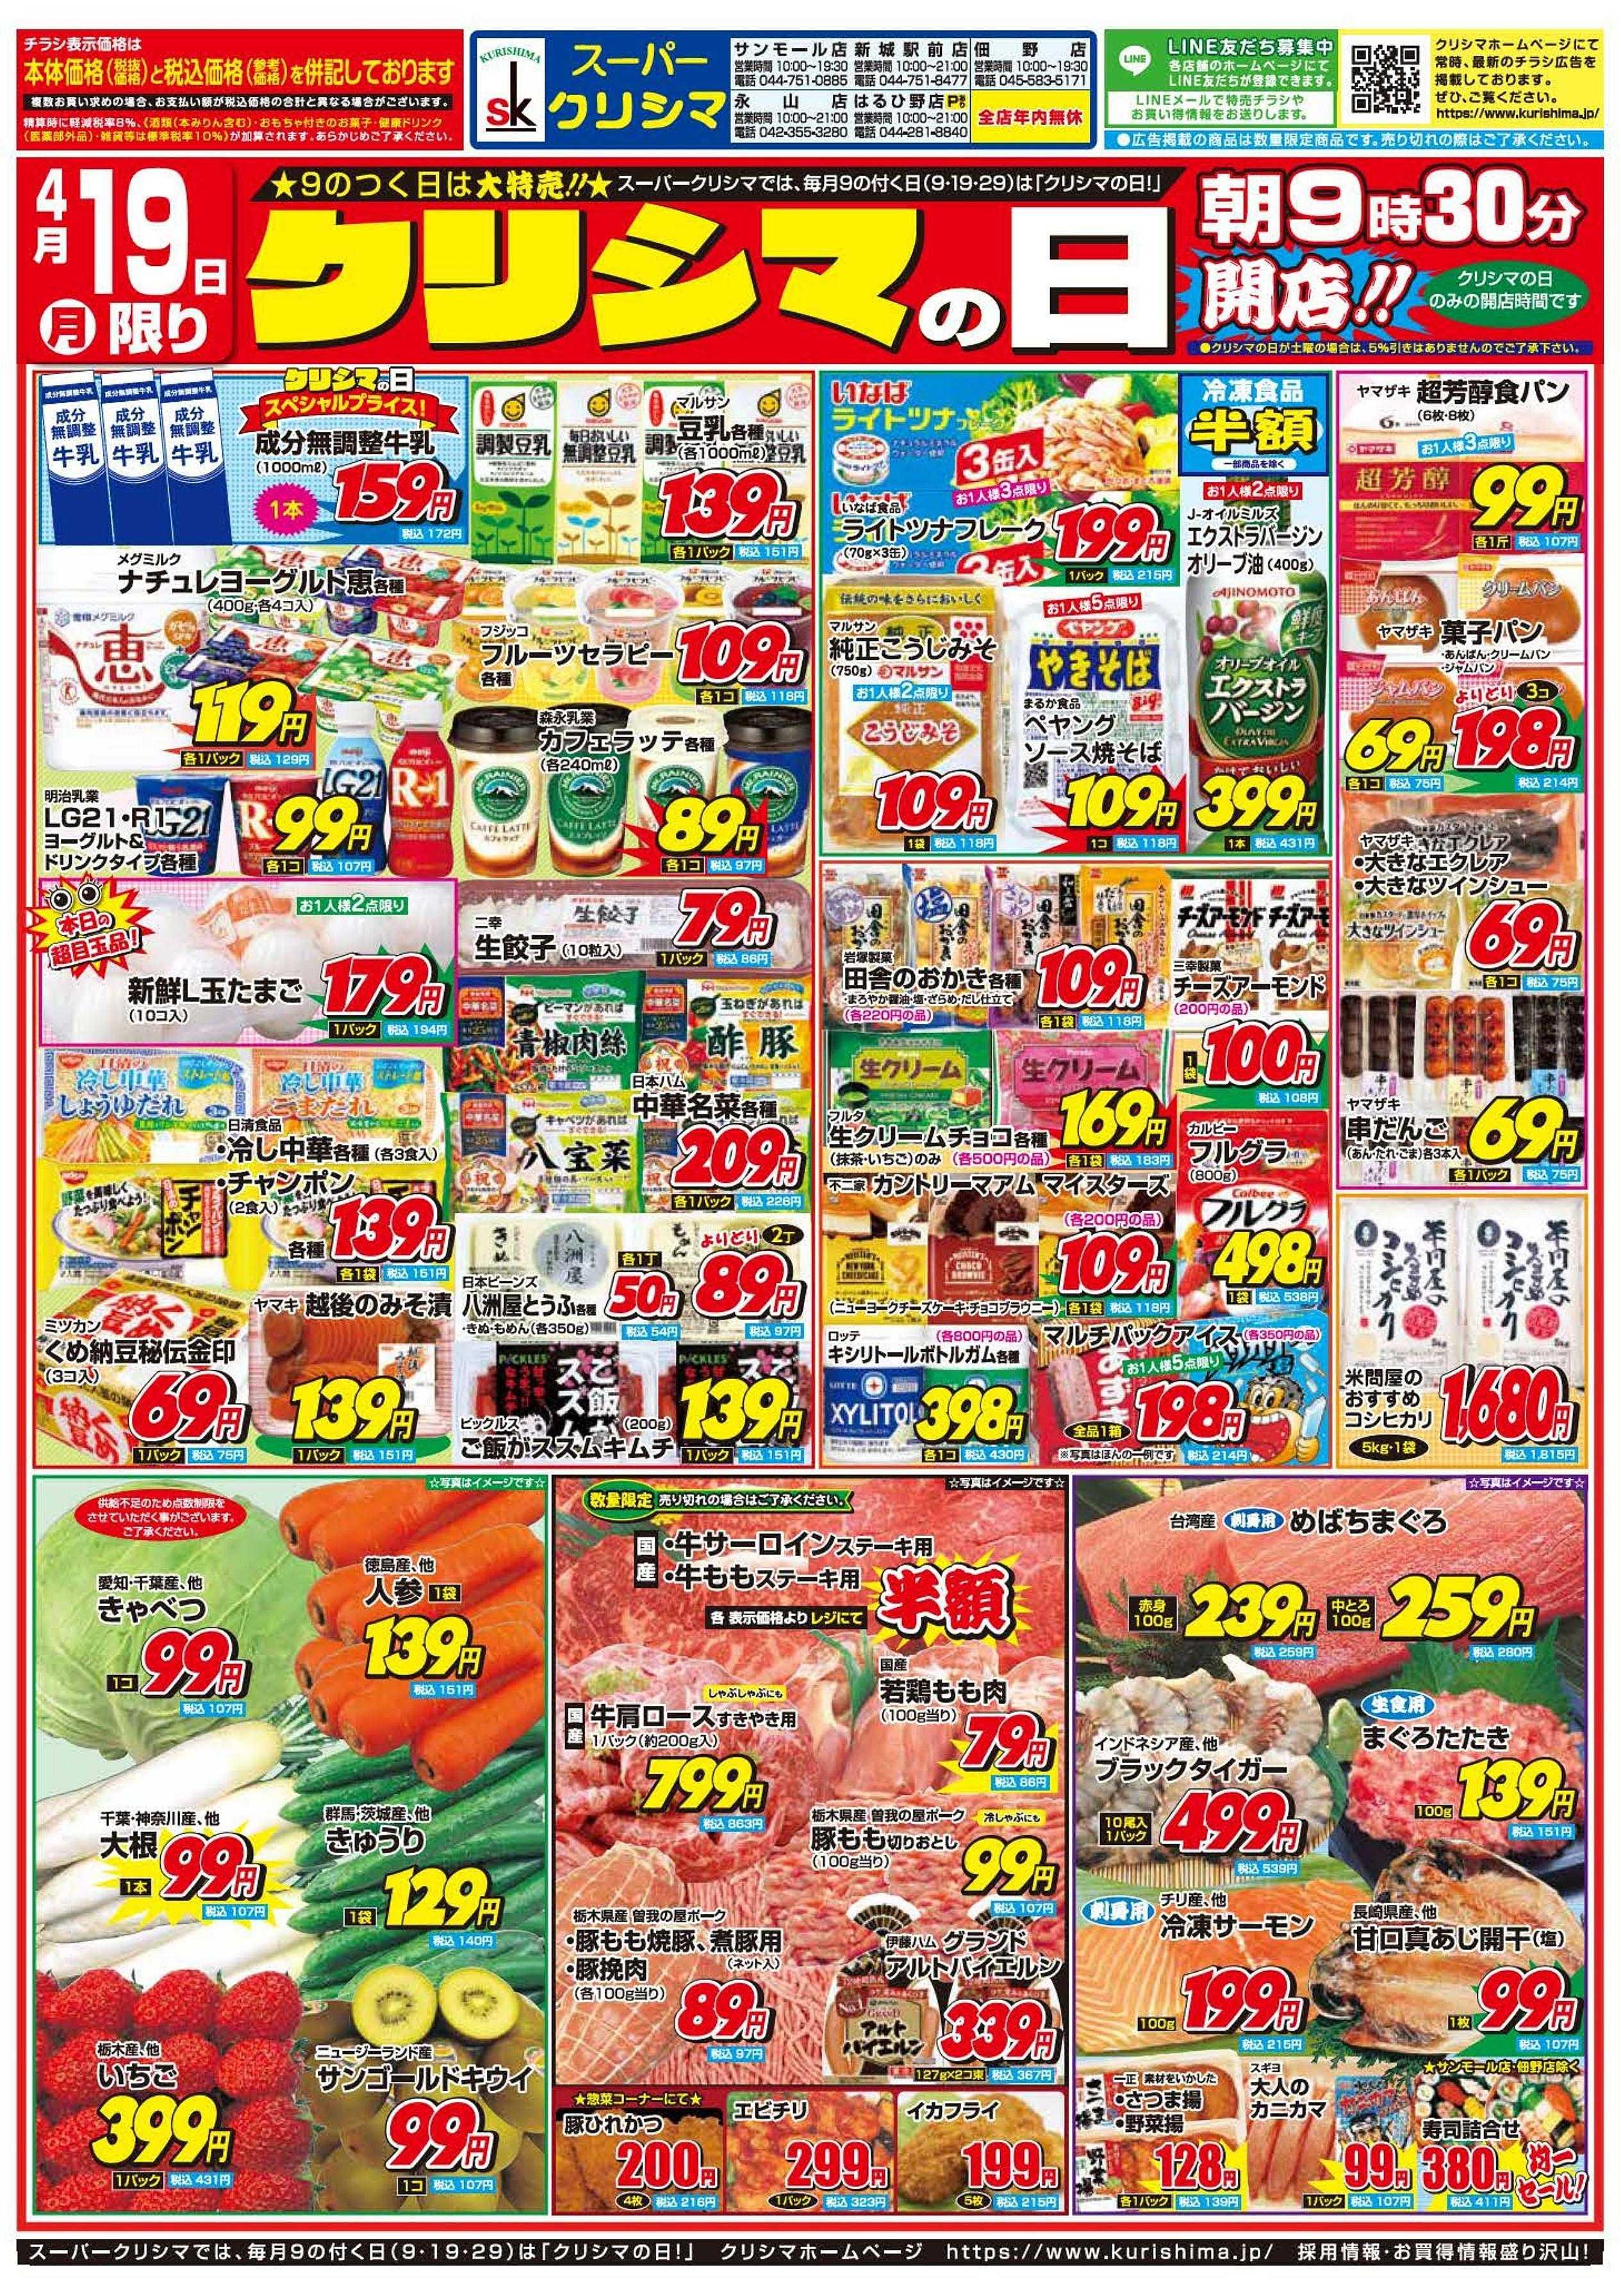 スーパークリシマ クリシマの日大特売です!!